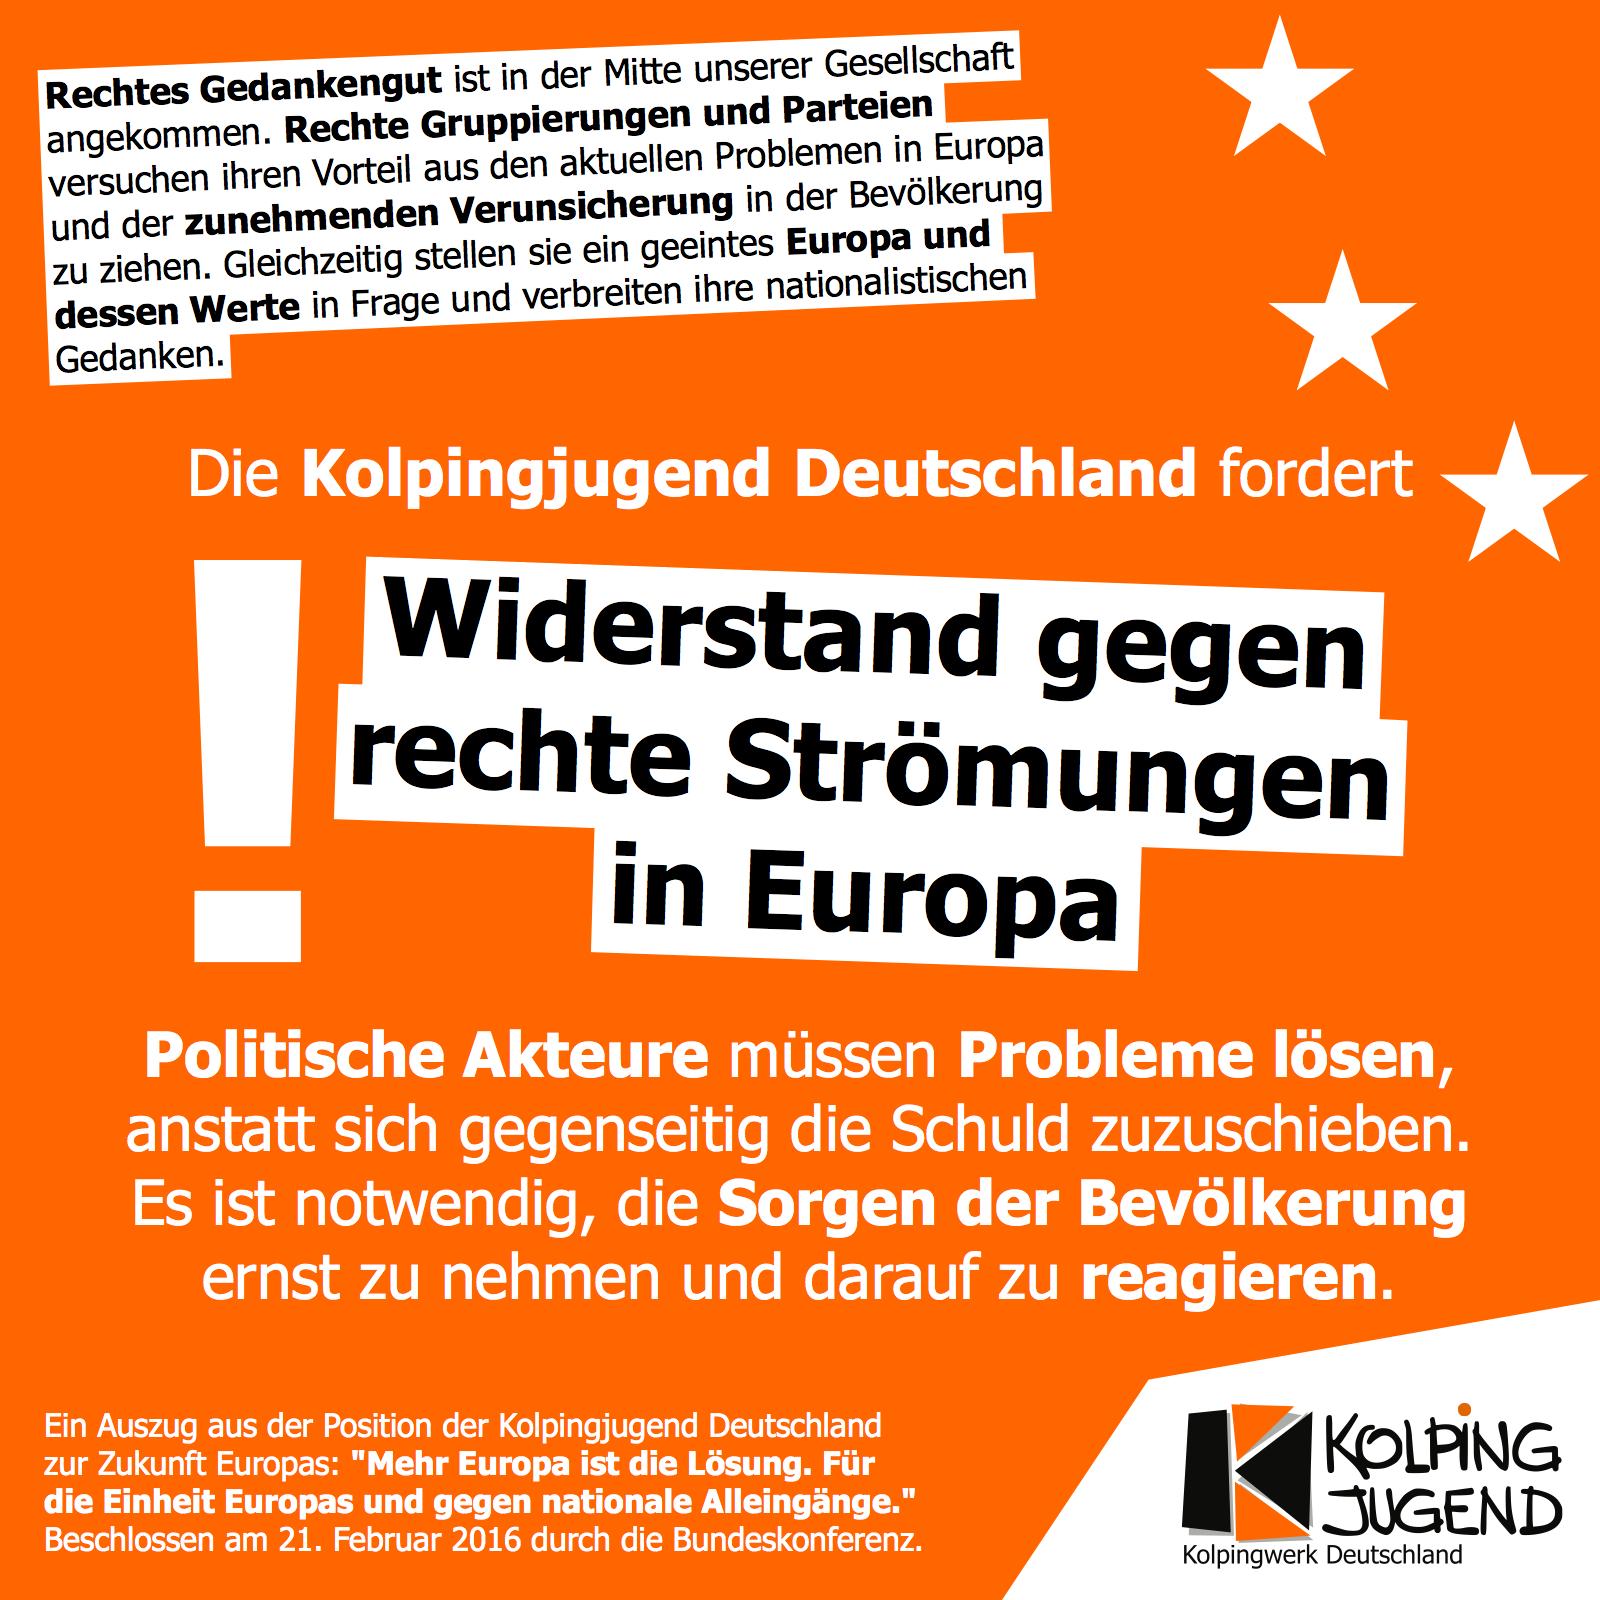 Mehr Europa ist die Lösung